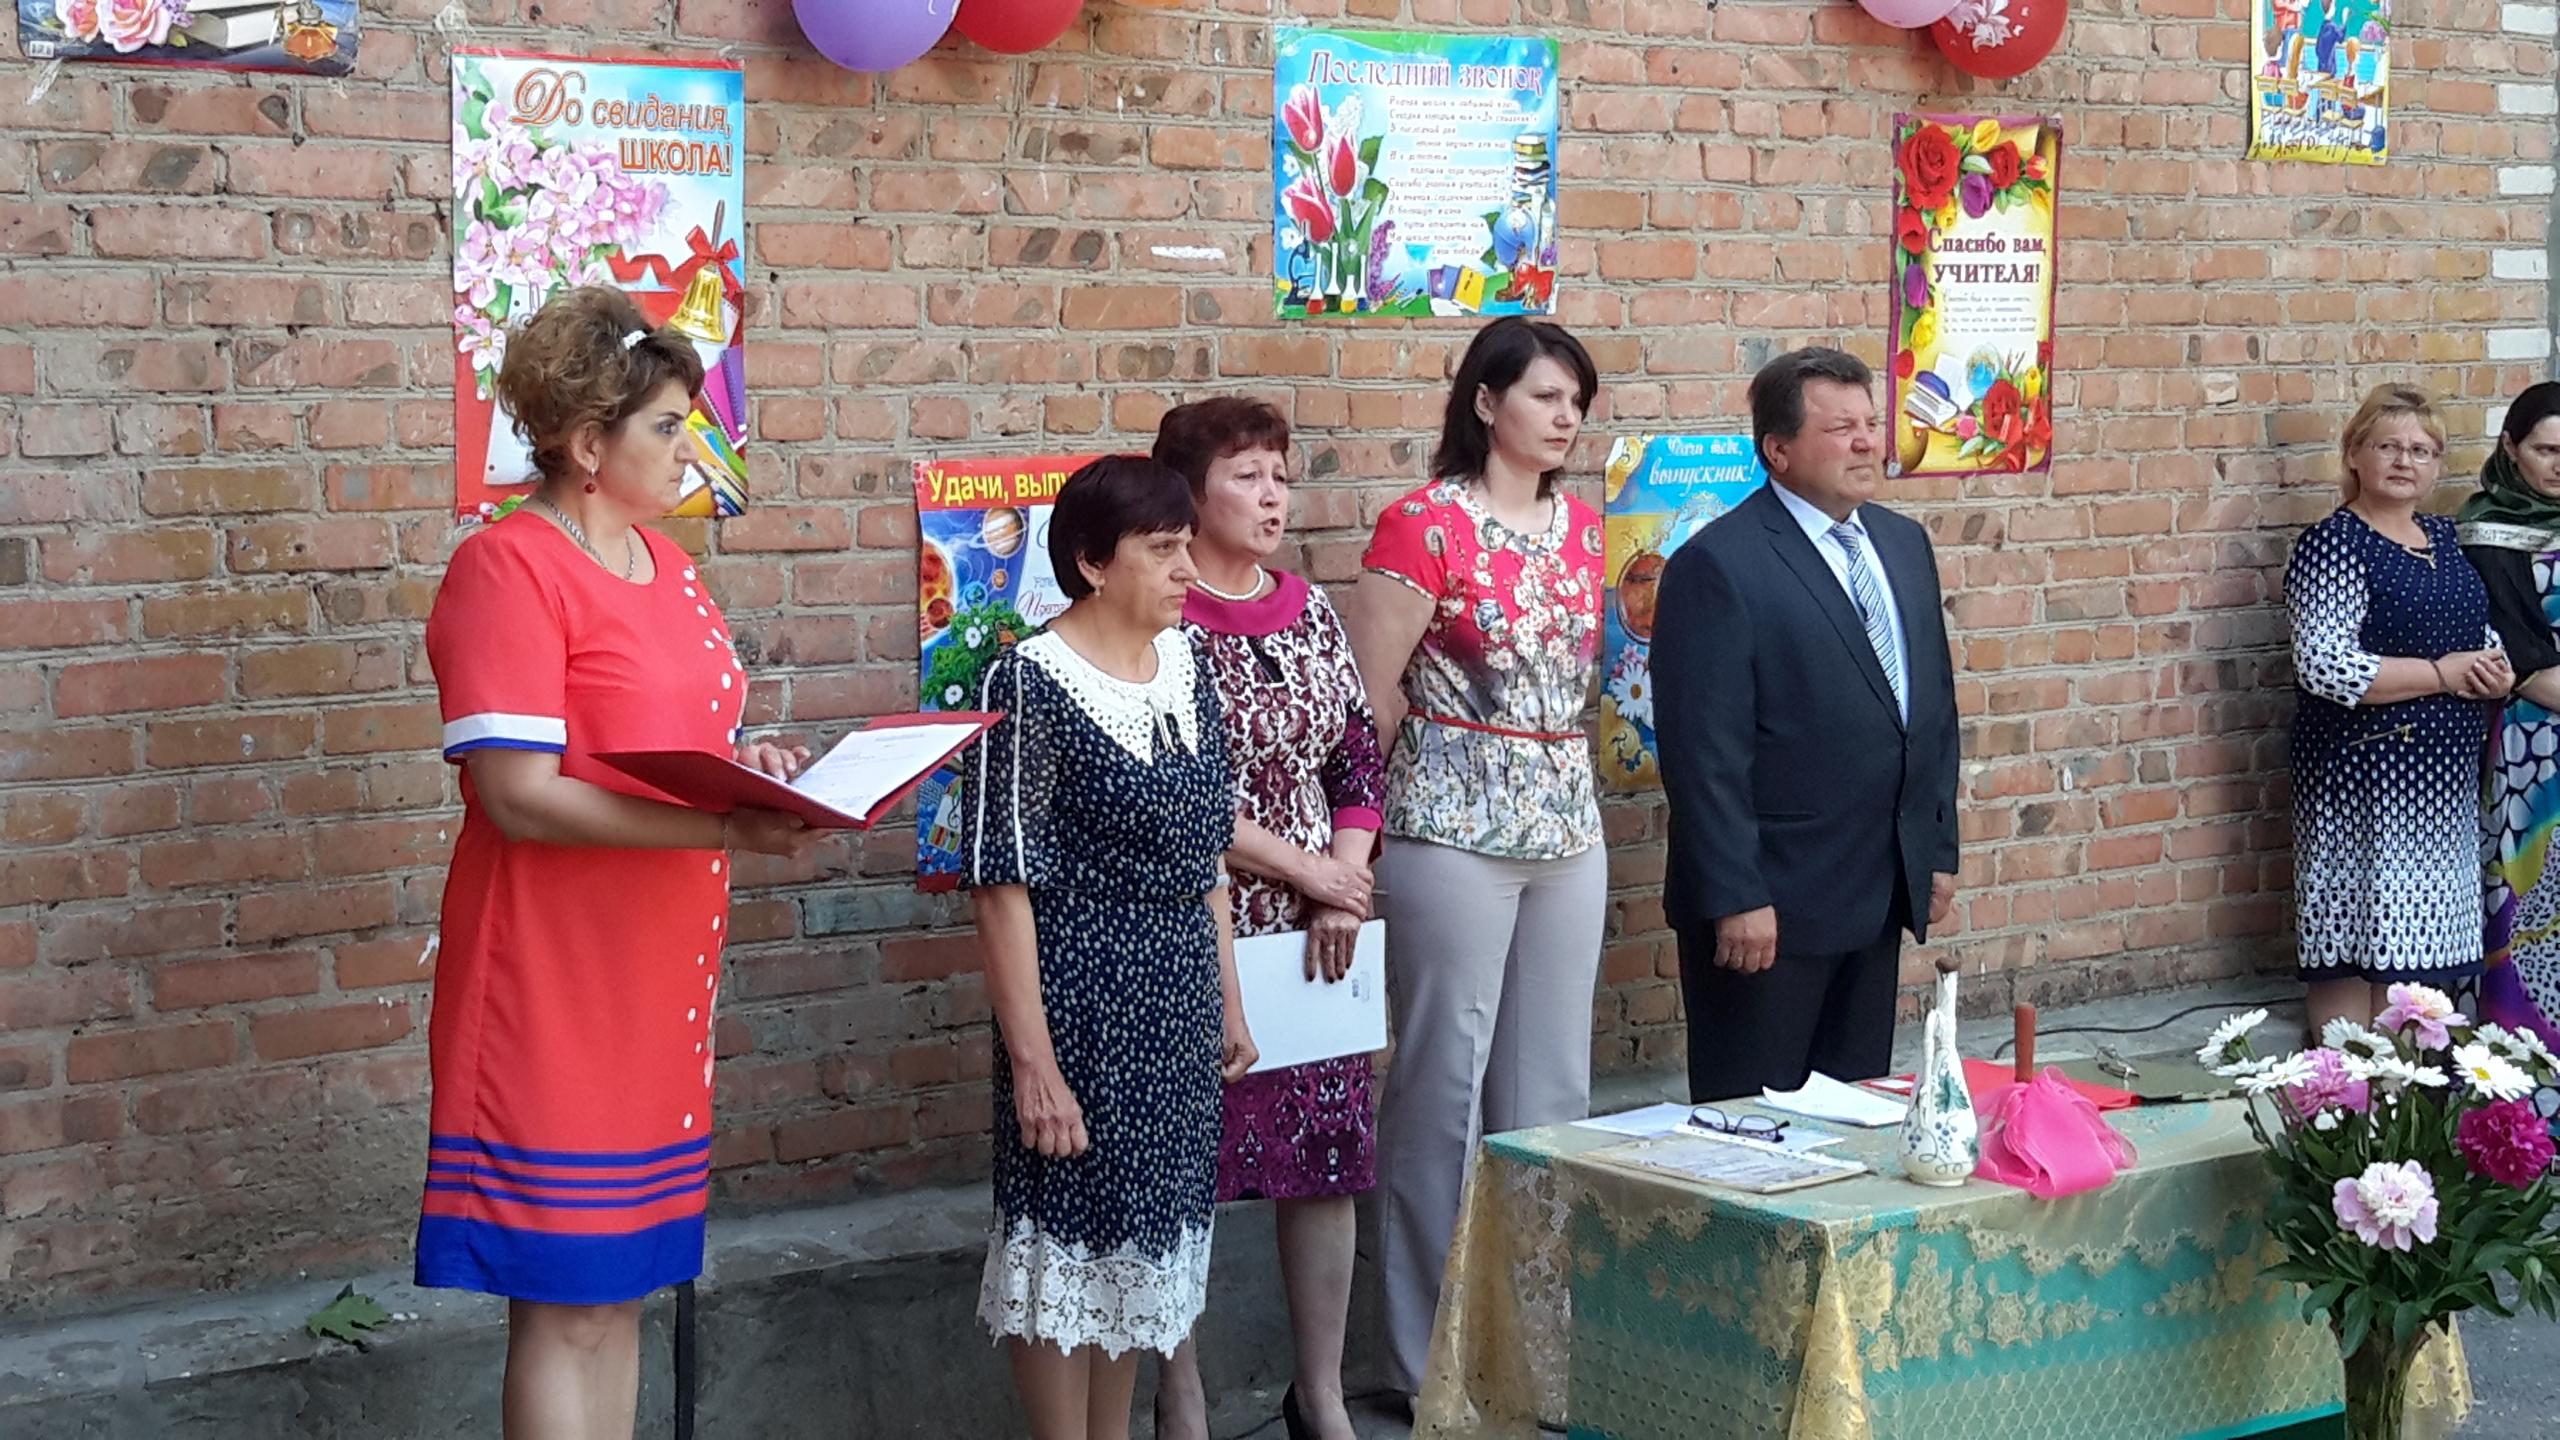 Поздравления главе сельского поселения с днем его рождения